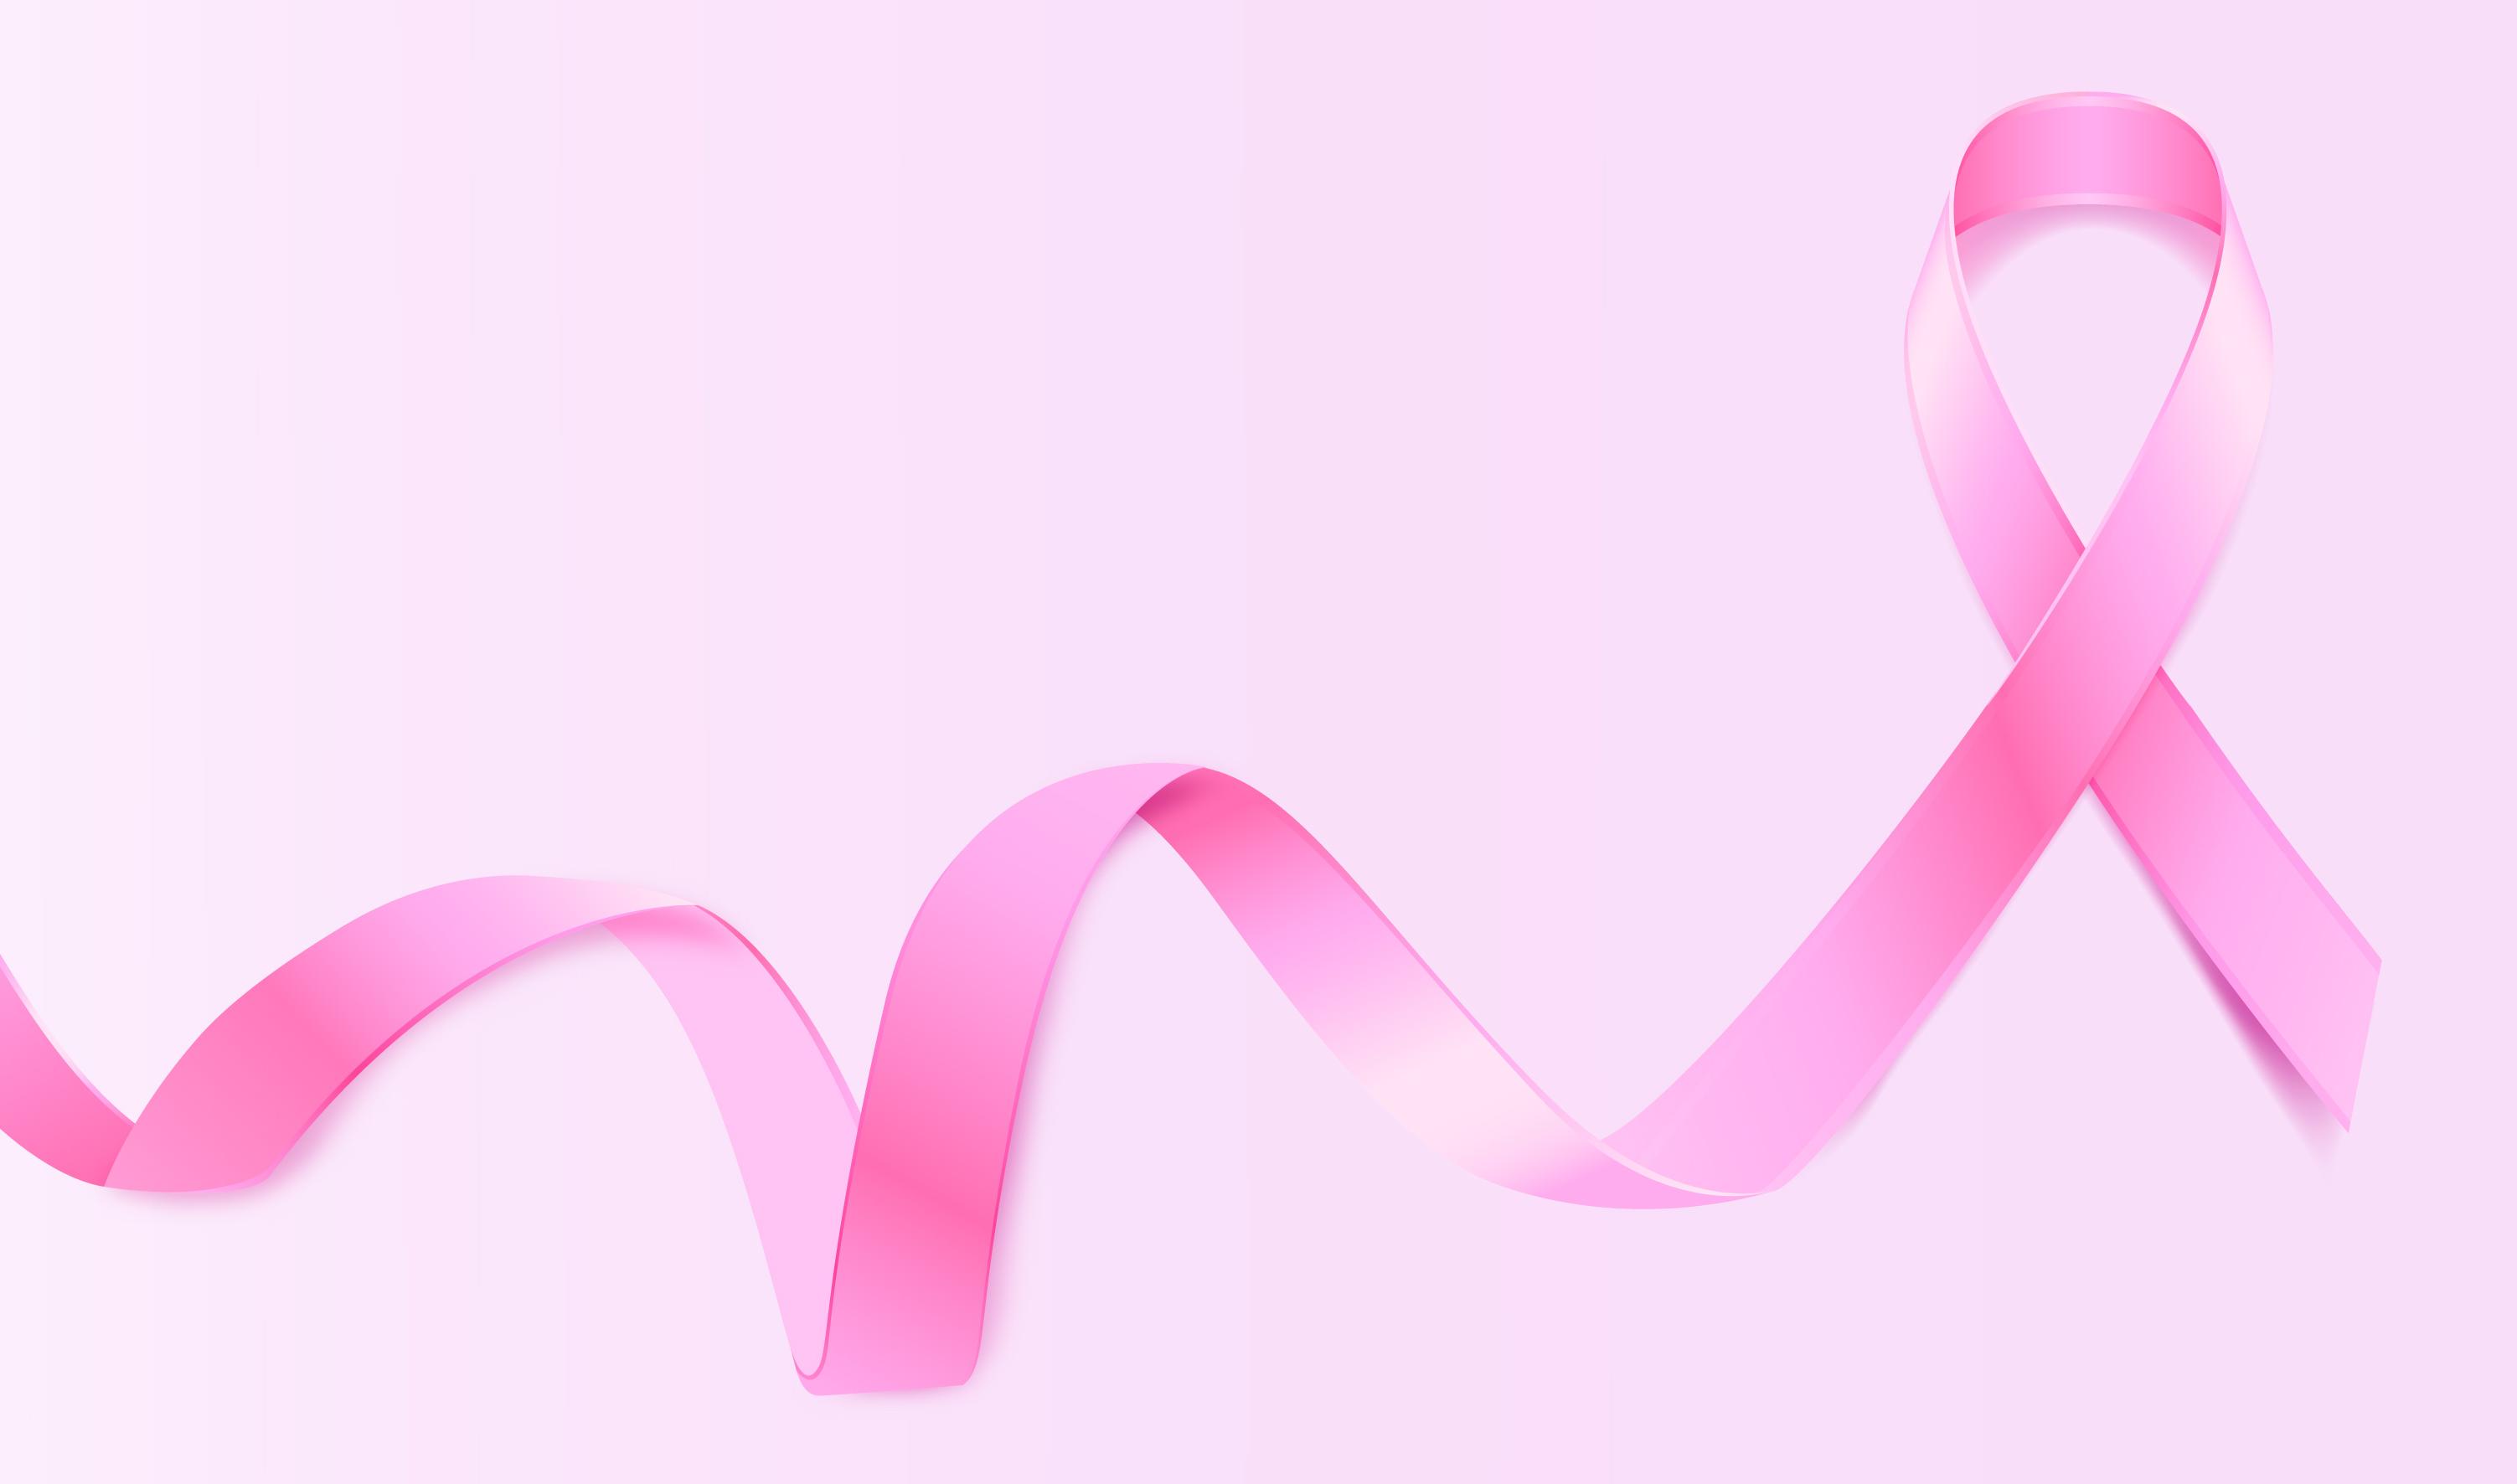 Les exercices post-opératoires suite à la chirurgie du cancer du sein  (2020)